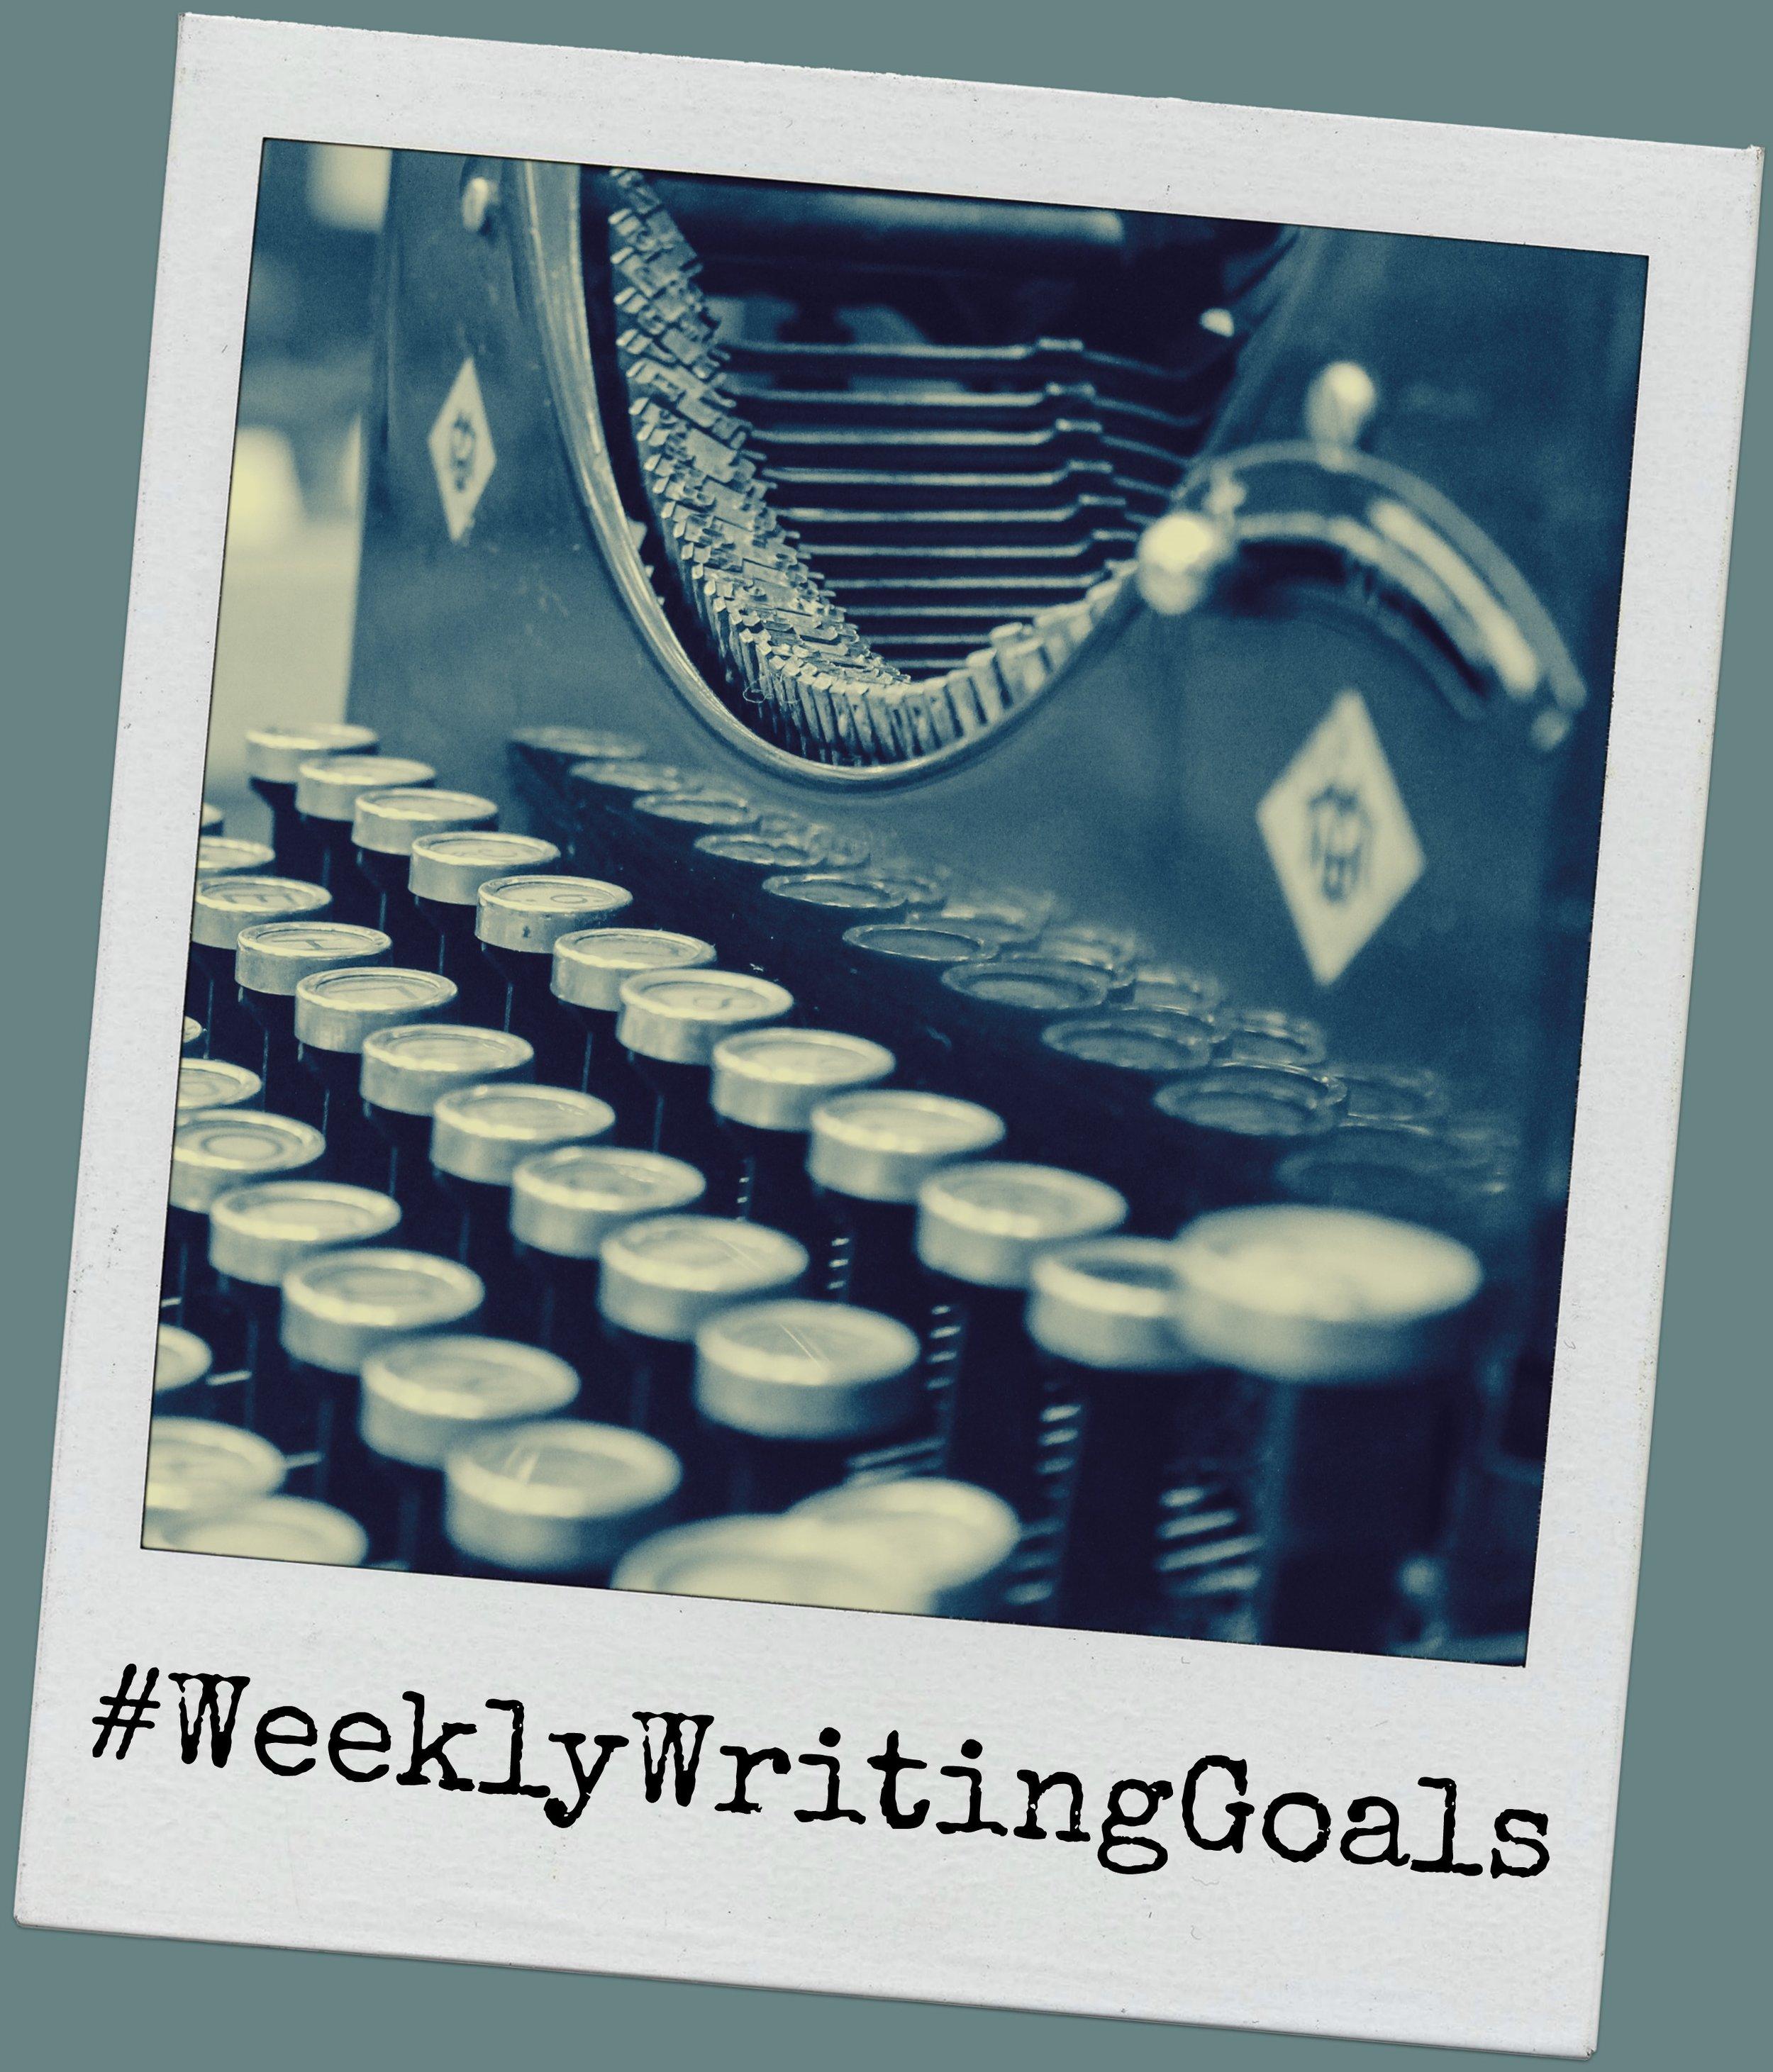 weeklywritinggoals